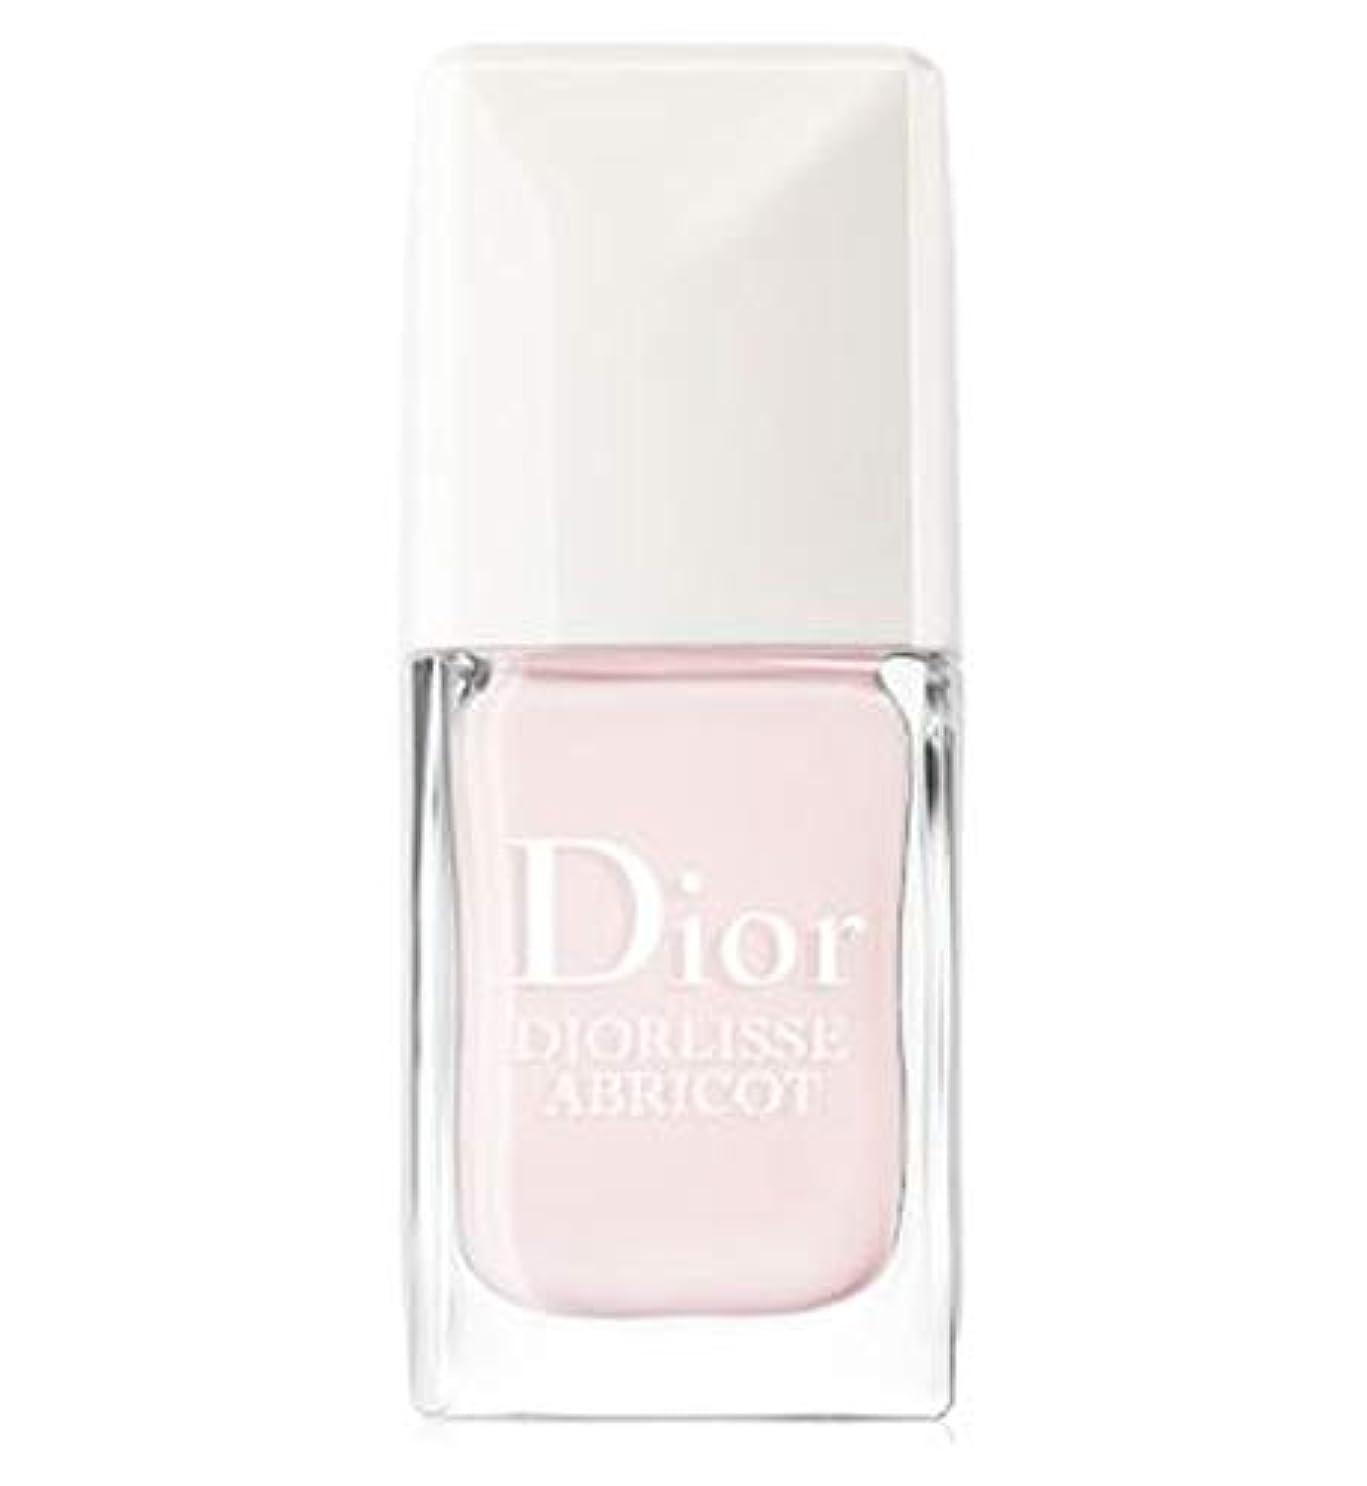 市町村盆地技術[Dior ] ピンクの花びらの10ミリリットルで完成ネイルケアを平滑化Abricot Diorlisse - Diorlisse Abricot Smoothing Perfecting Nail Care In Pink...